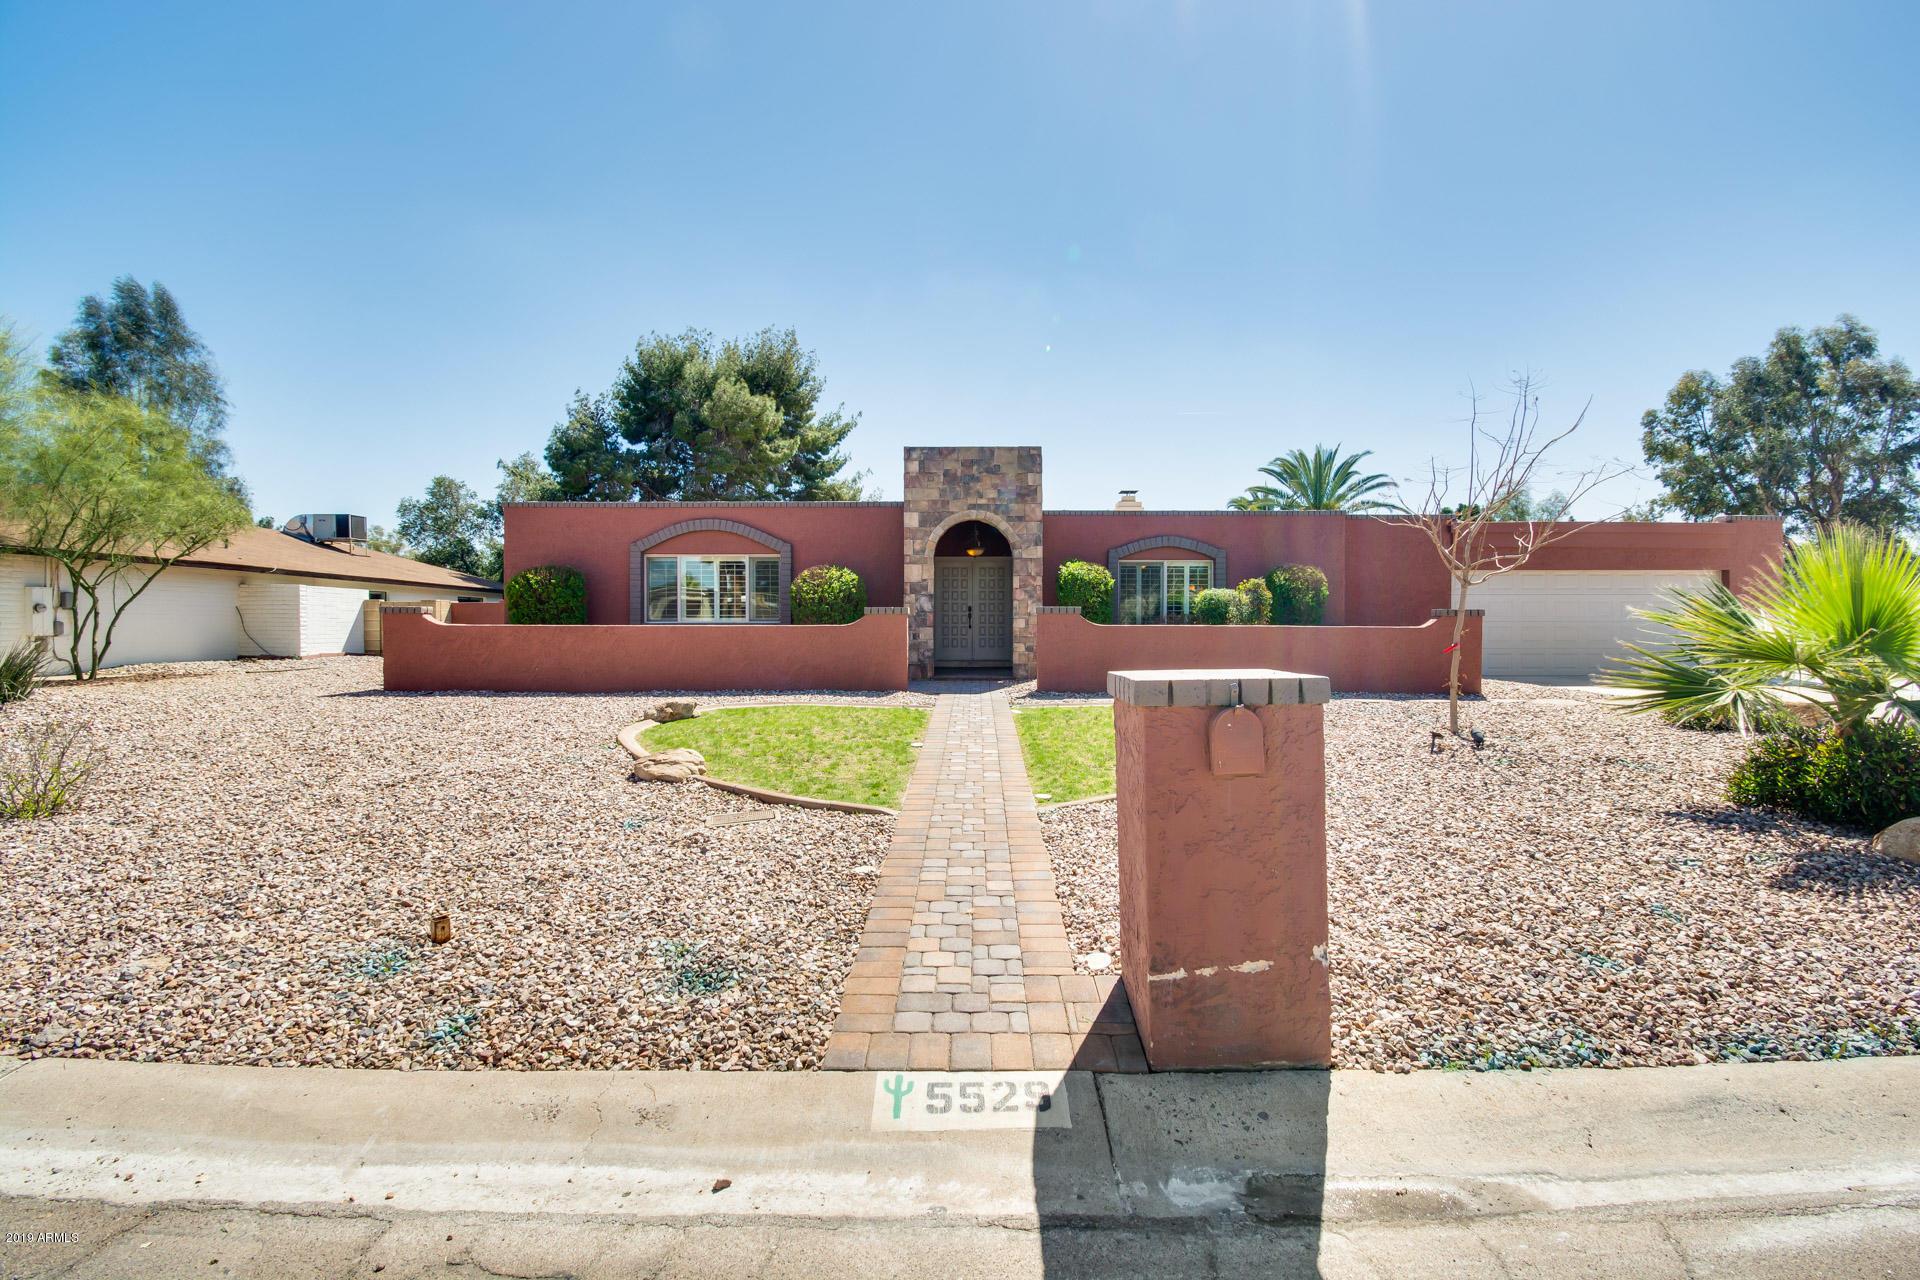 5529 E DAHLIA Drive, Scottsdale AZ 85254